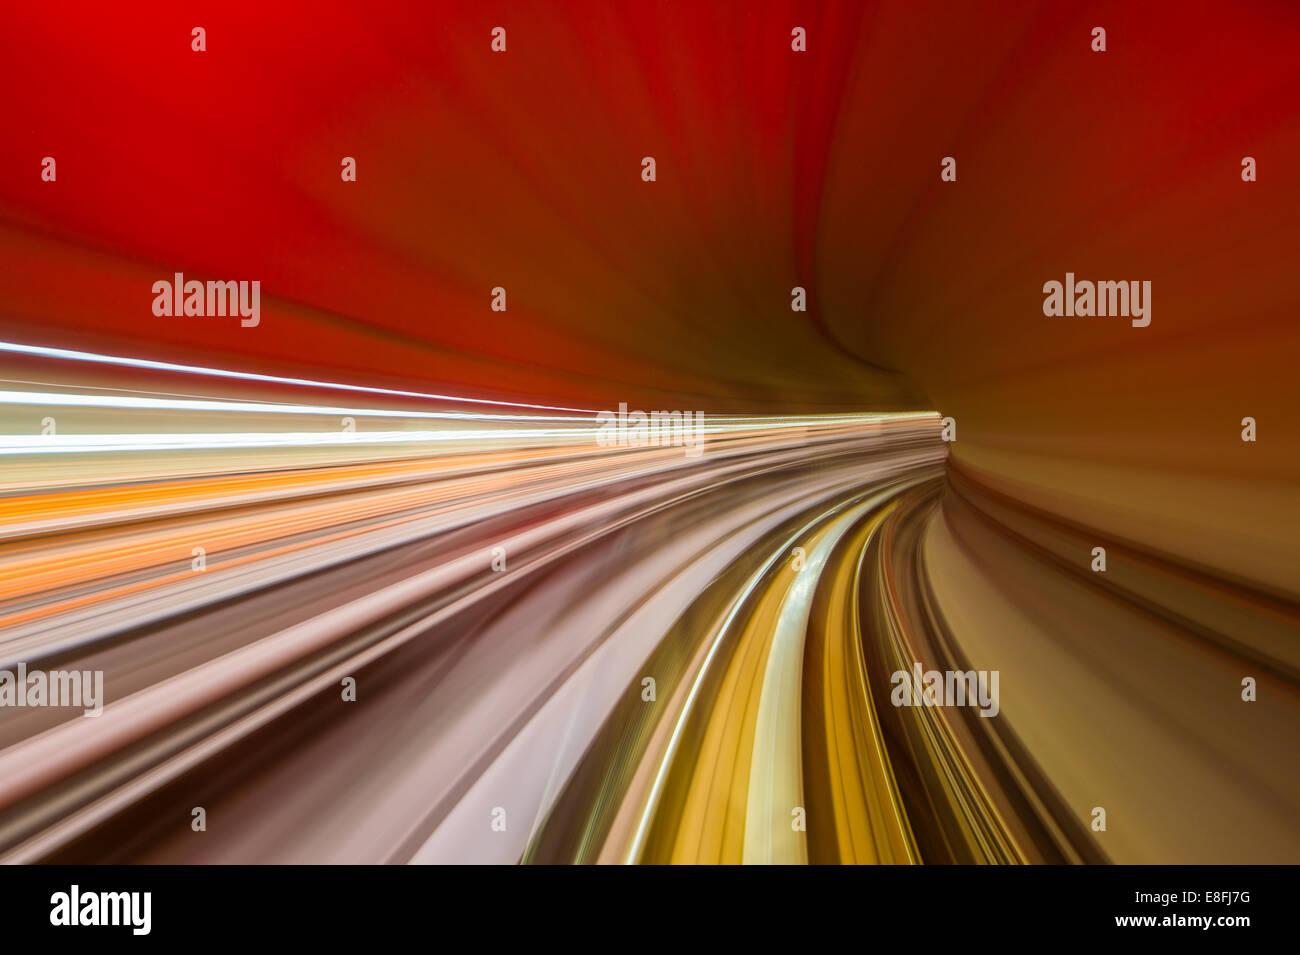 Zug durch Eisenbahntunnel Stockbild